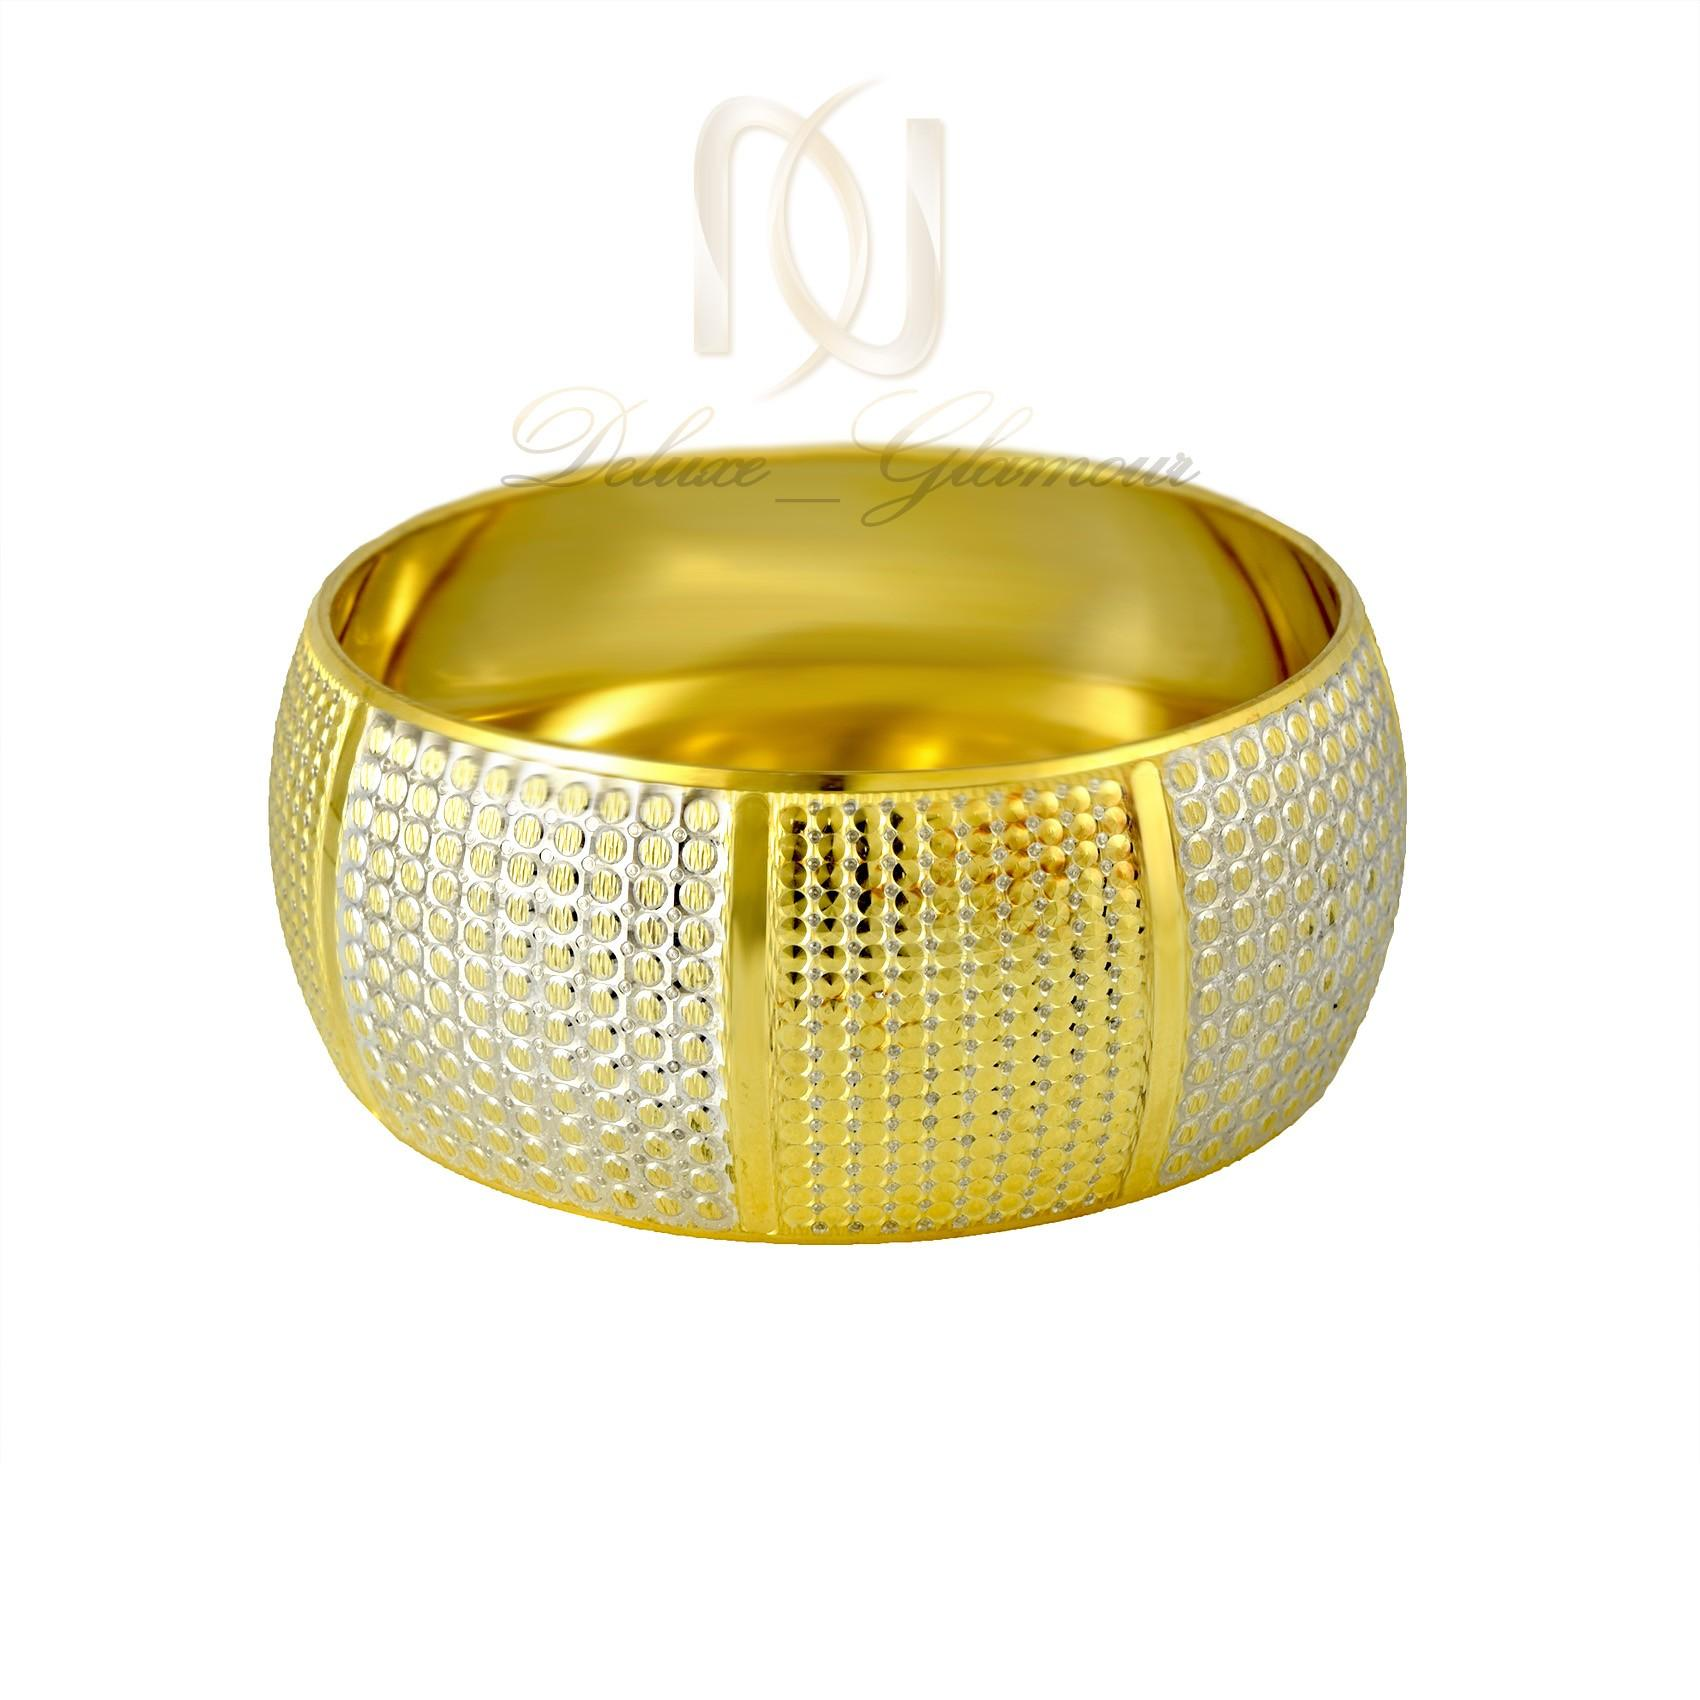 النگو تك پوش نقره دو رنگ طرح طلا al-n110 (2)